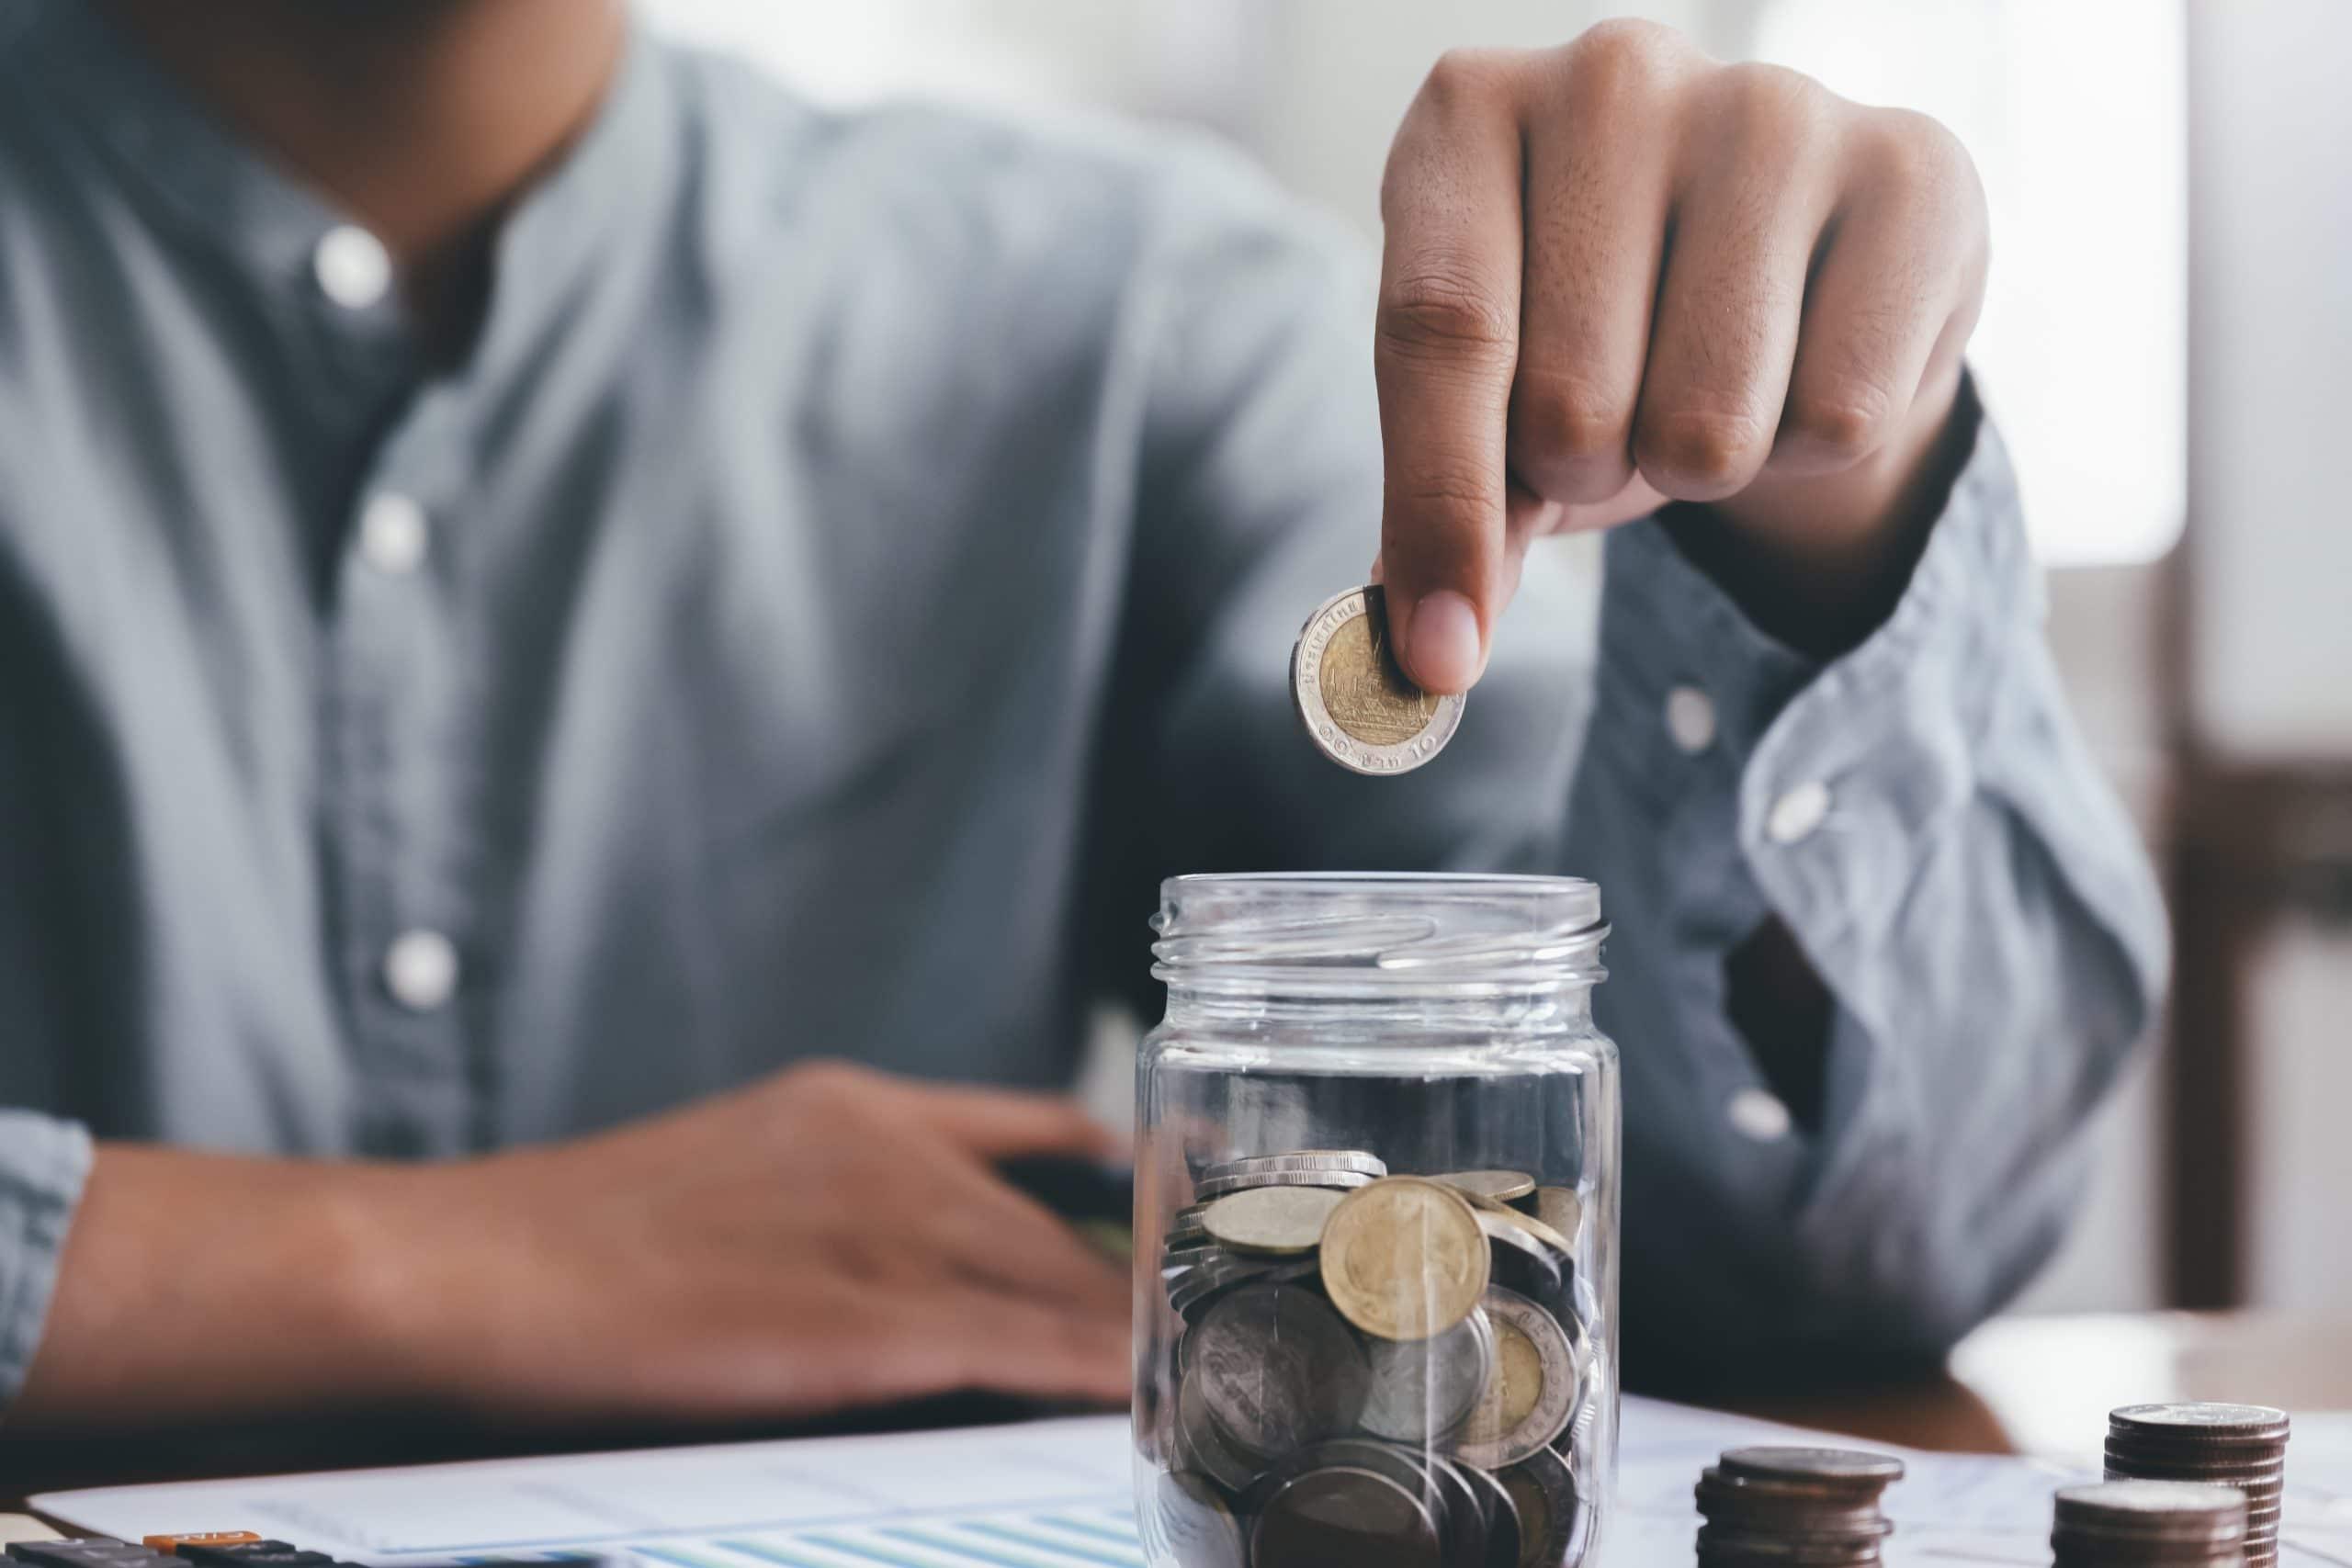 פתיחת חשבון עסקי